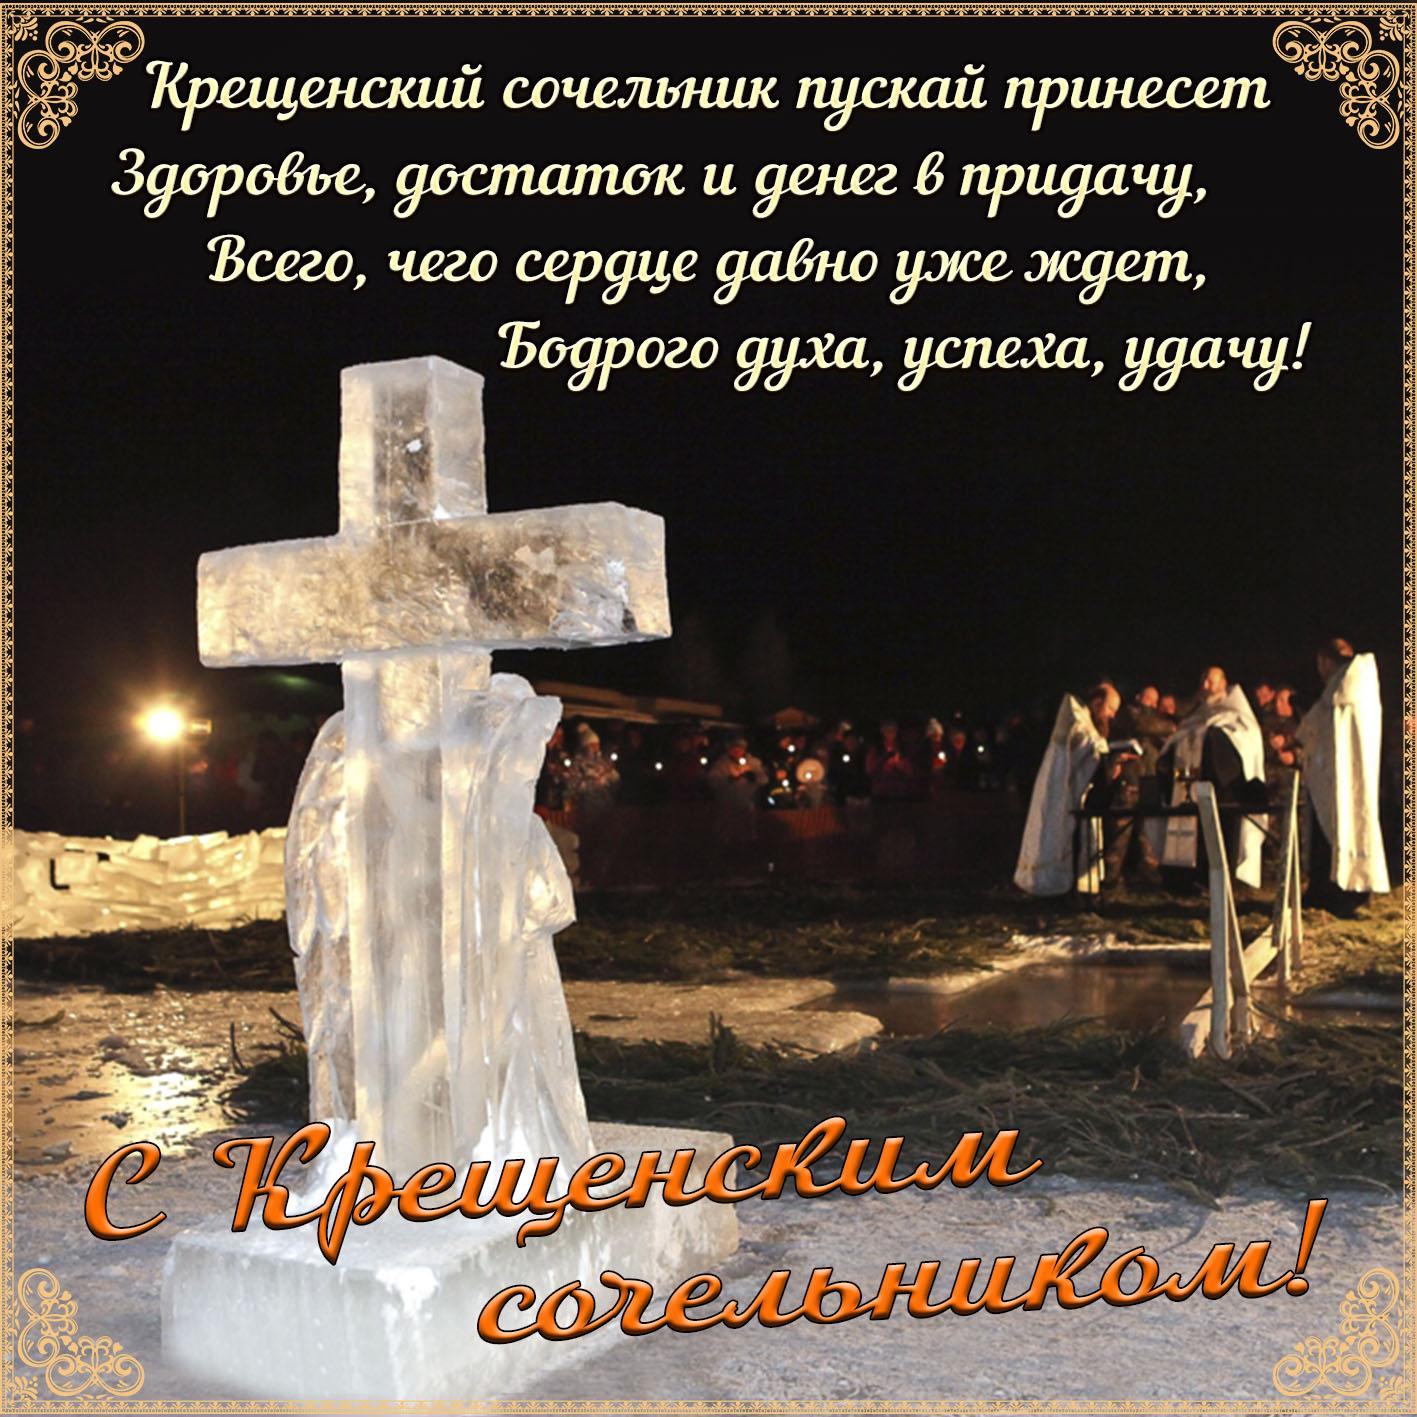 картинки крещенский сочельник решением для длинных